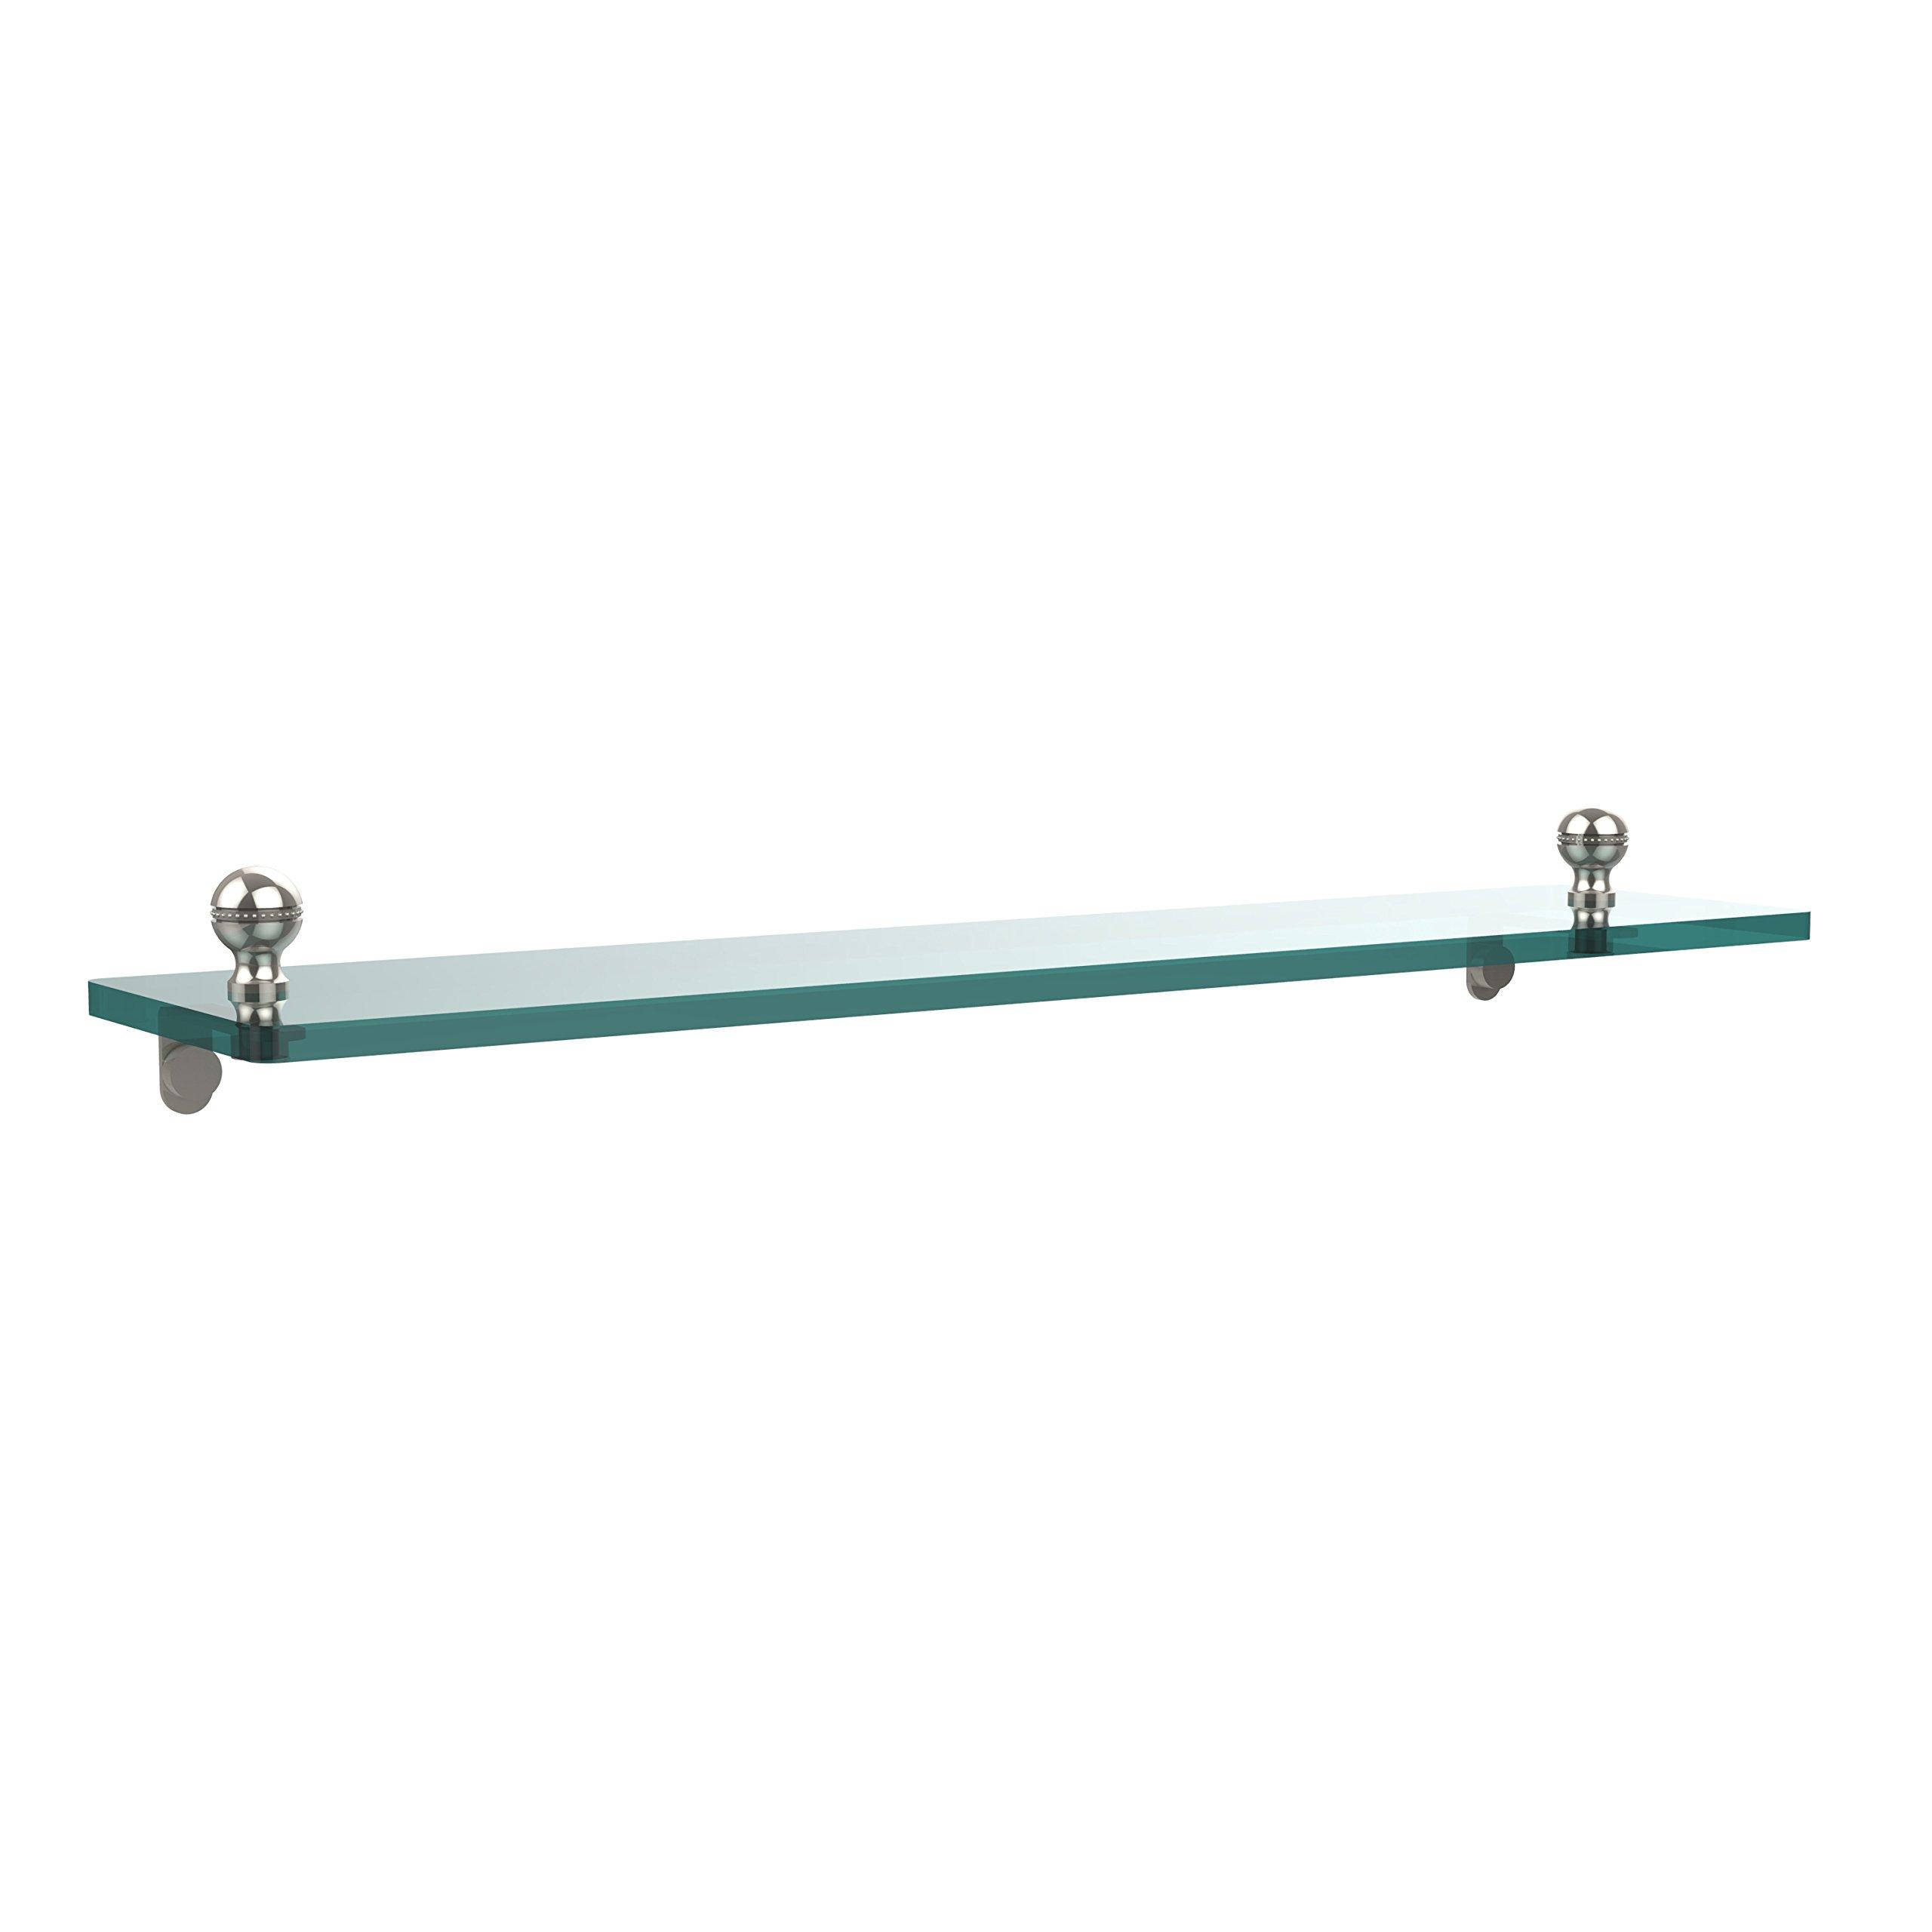 Allied Brass MA-1/22-PNI 22 by 5-Inch Single Glass Shelf